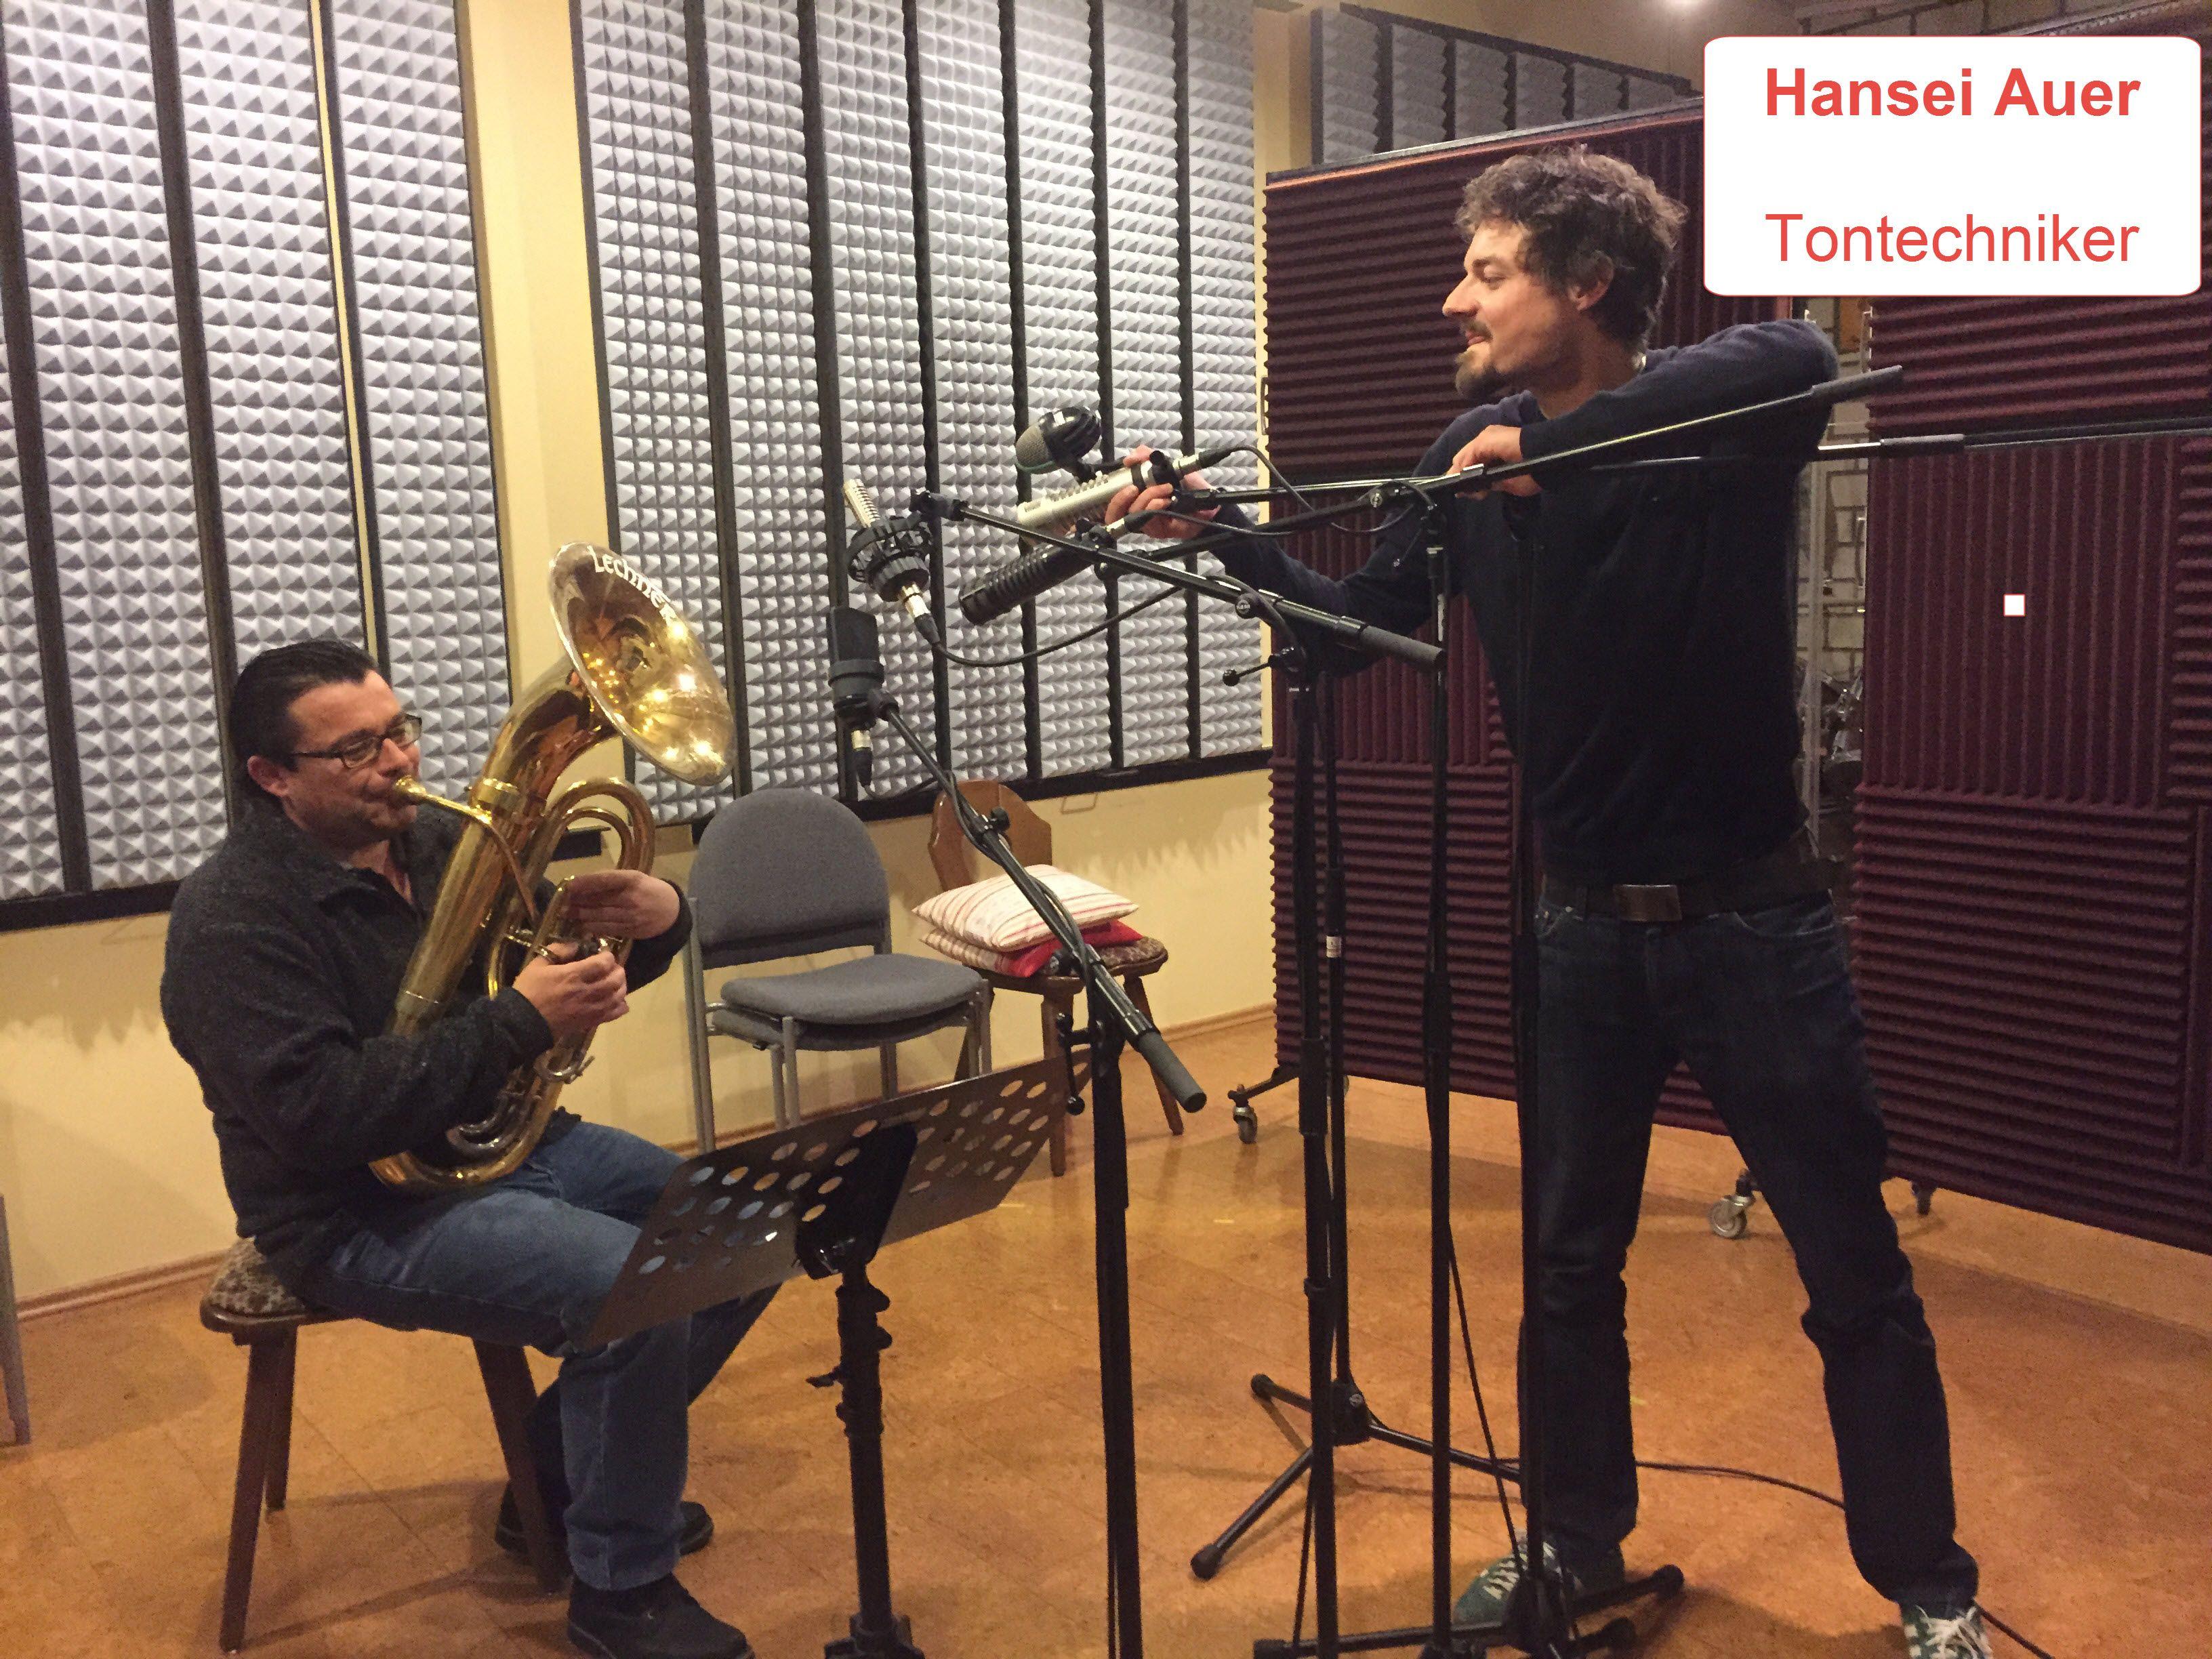 Hansei Auer Tontechniker und Musiker Sigi Posch Bariton